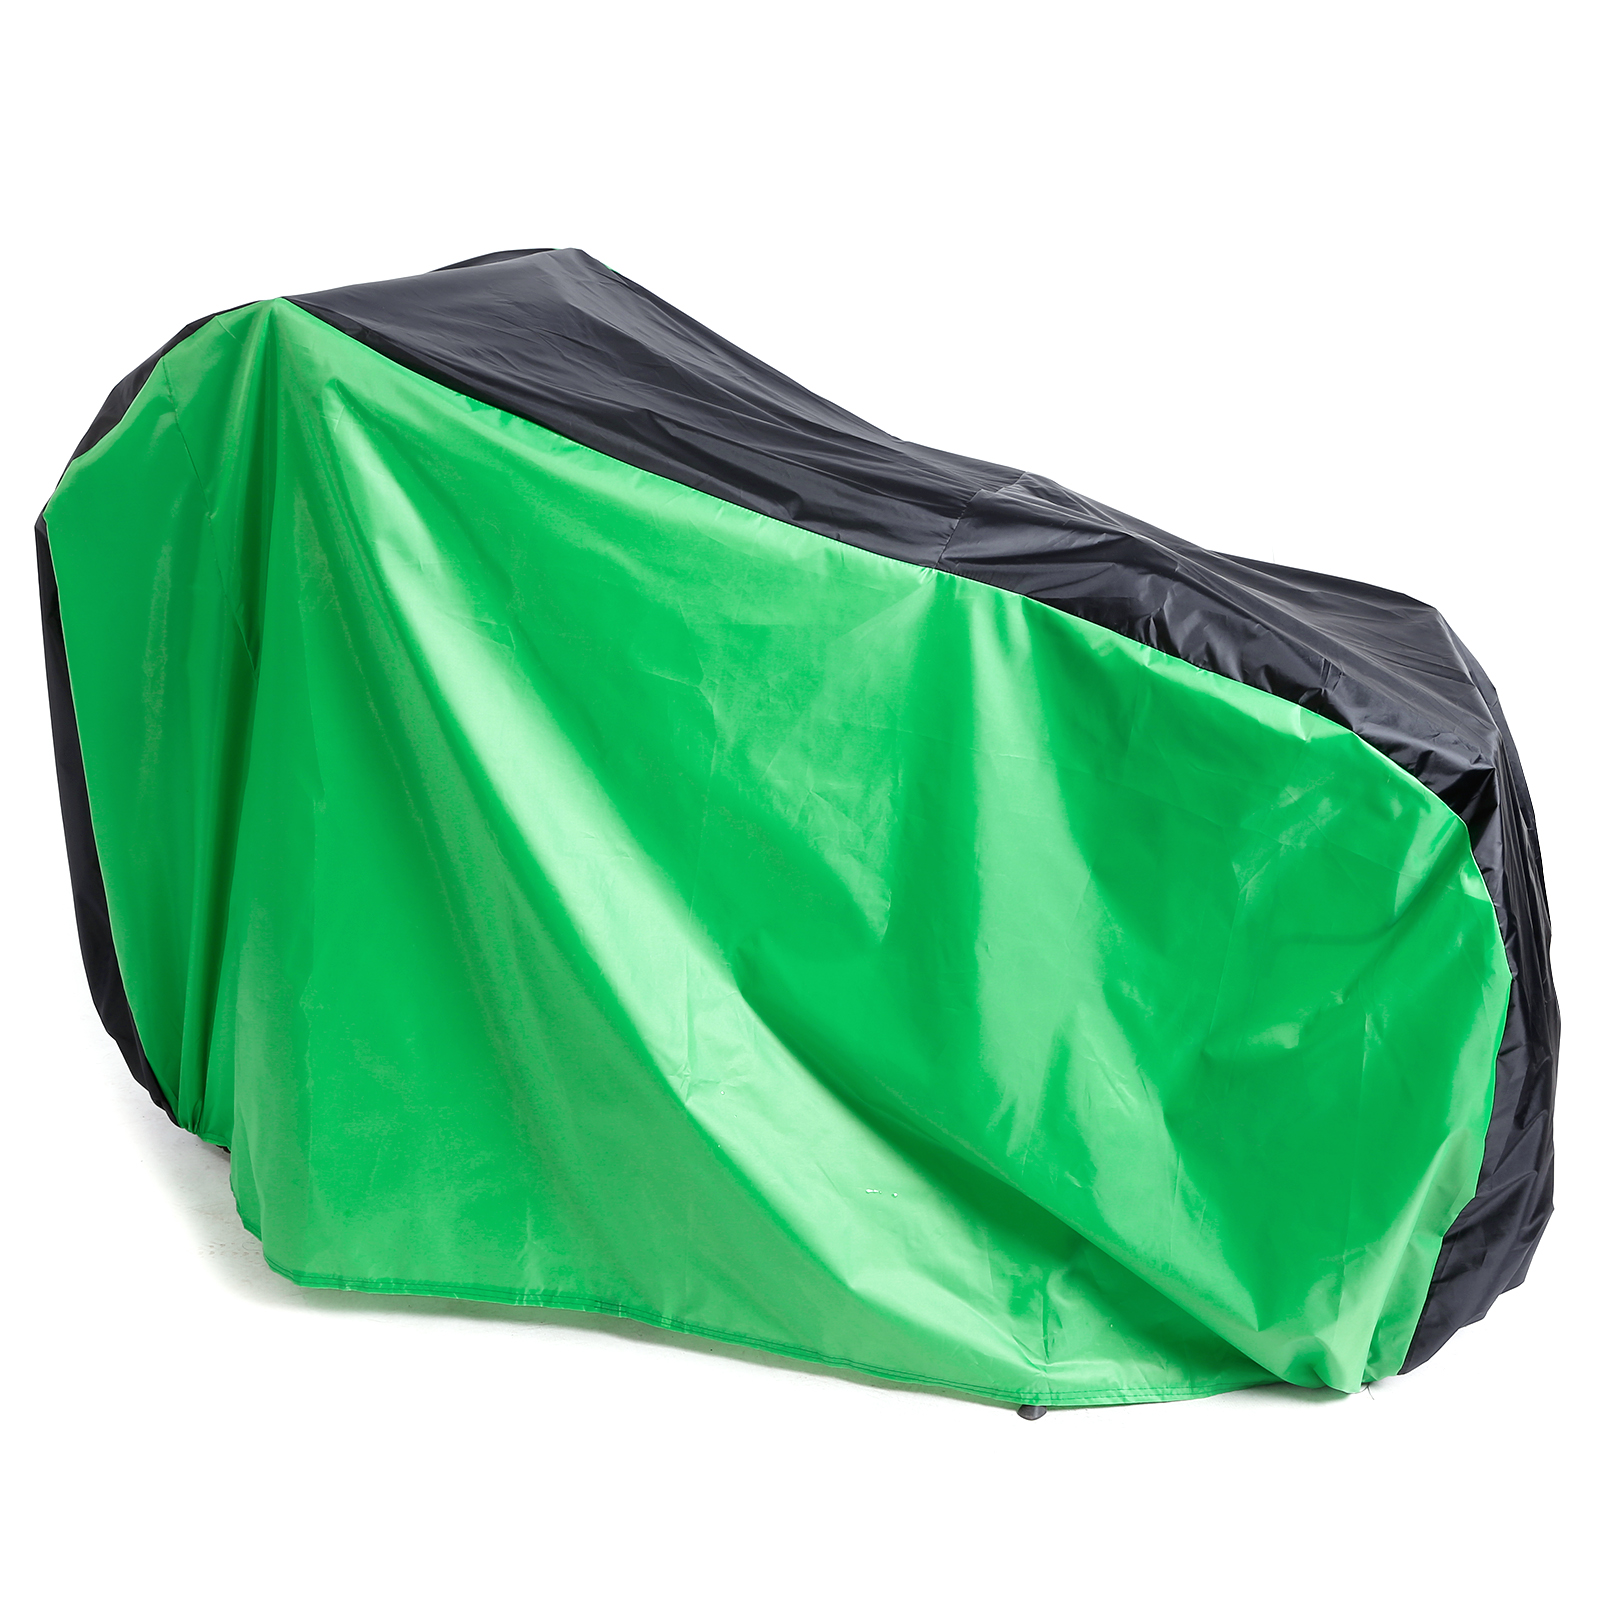 Waterproof Bicycle Motorbike Mountain Bike Cover Rain Dust Resists Protector AU